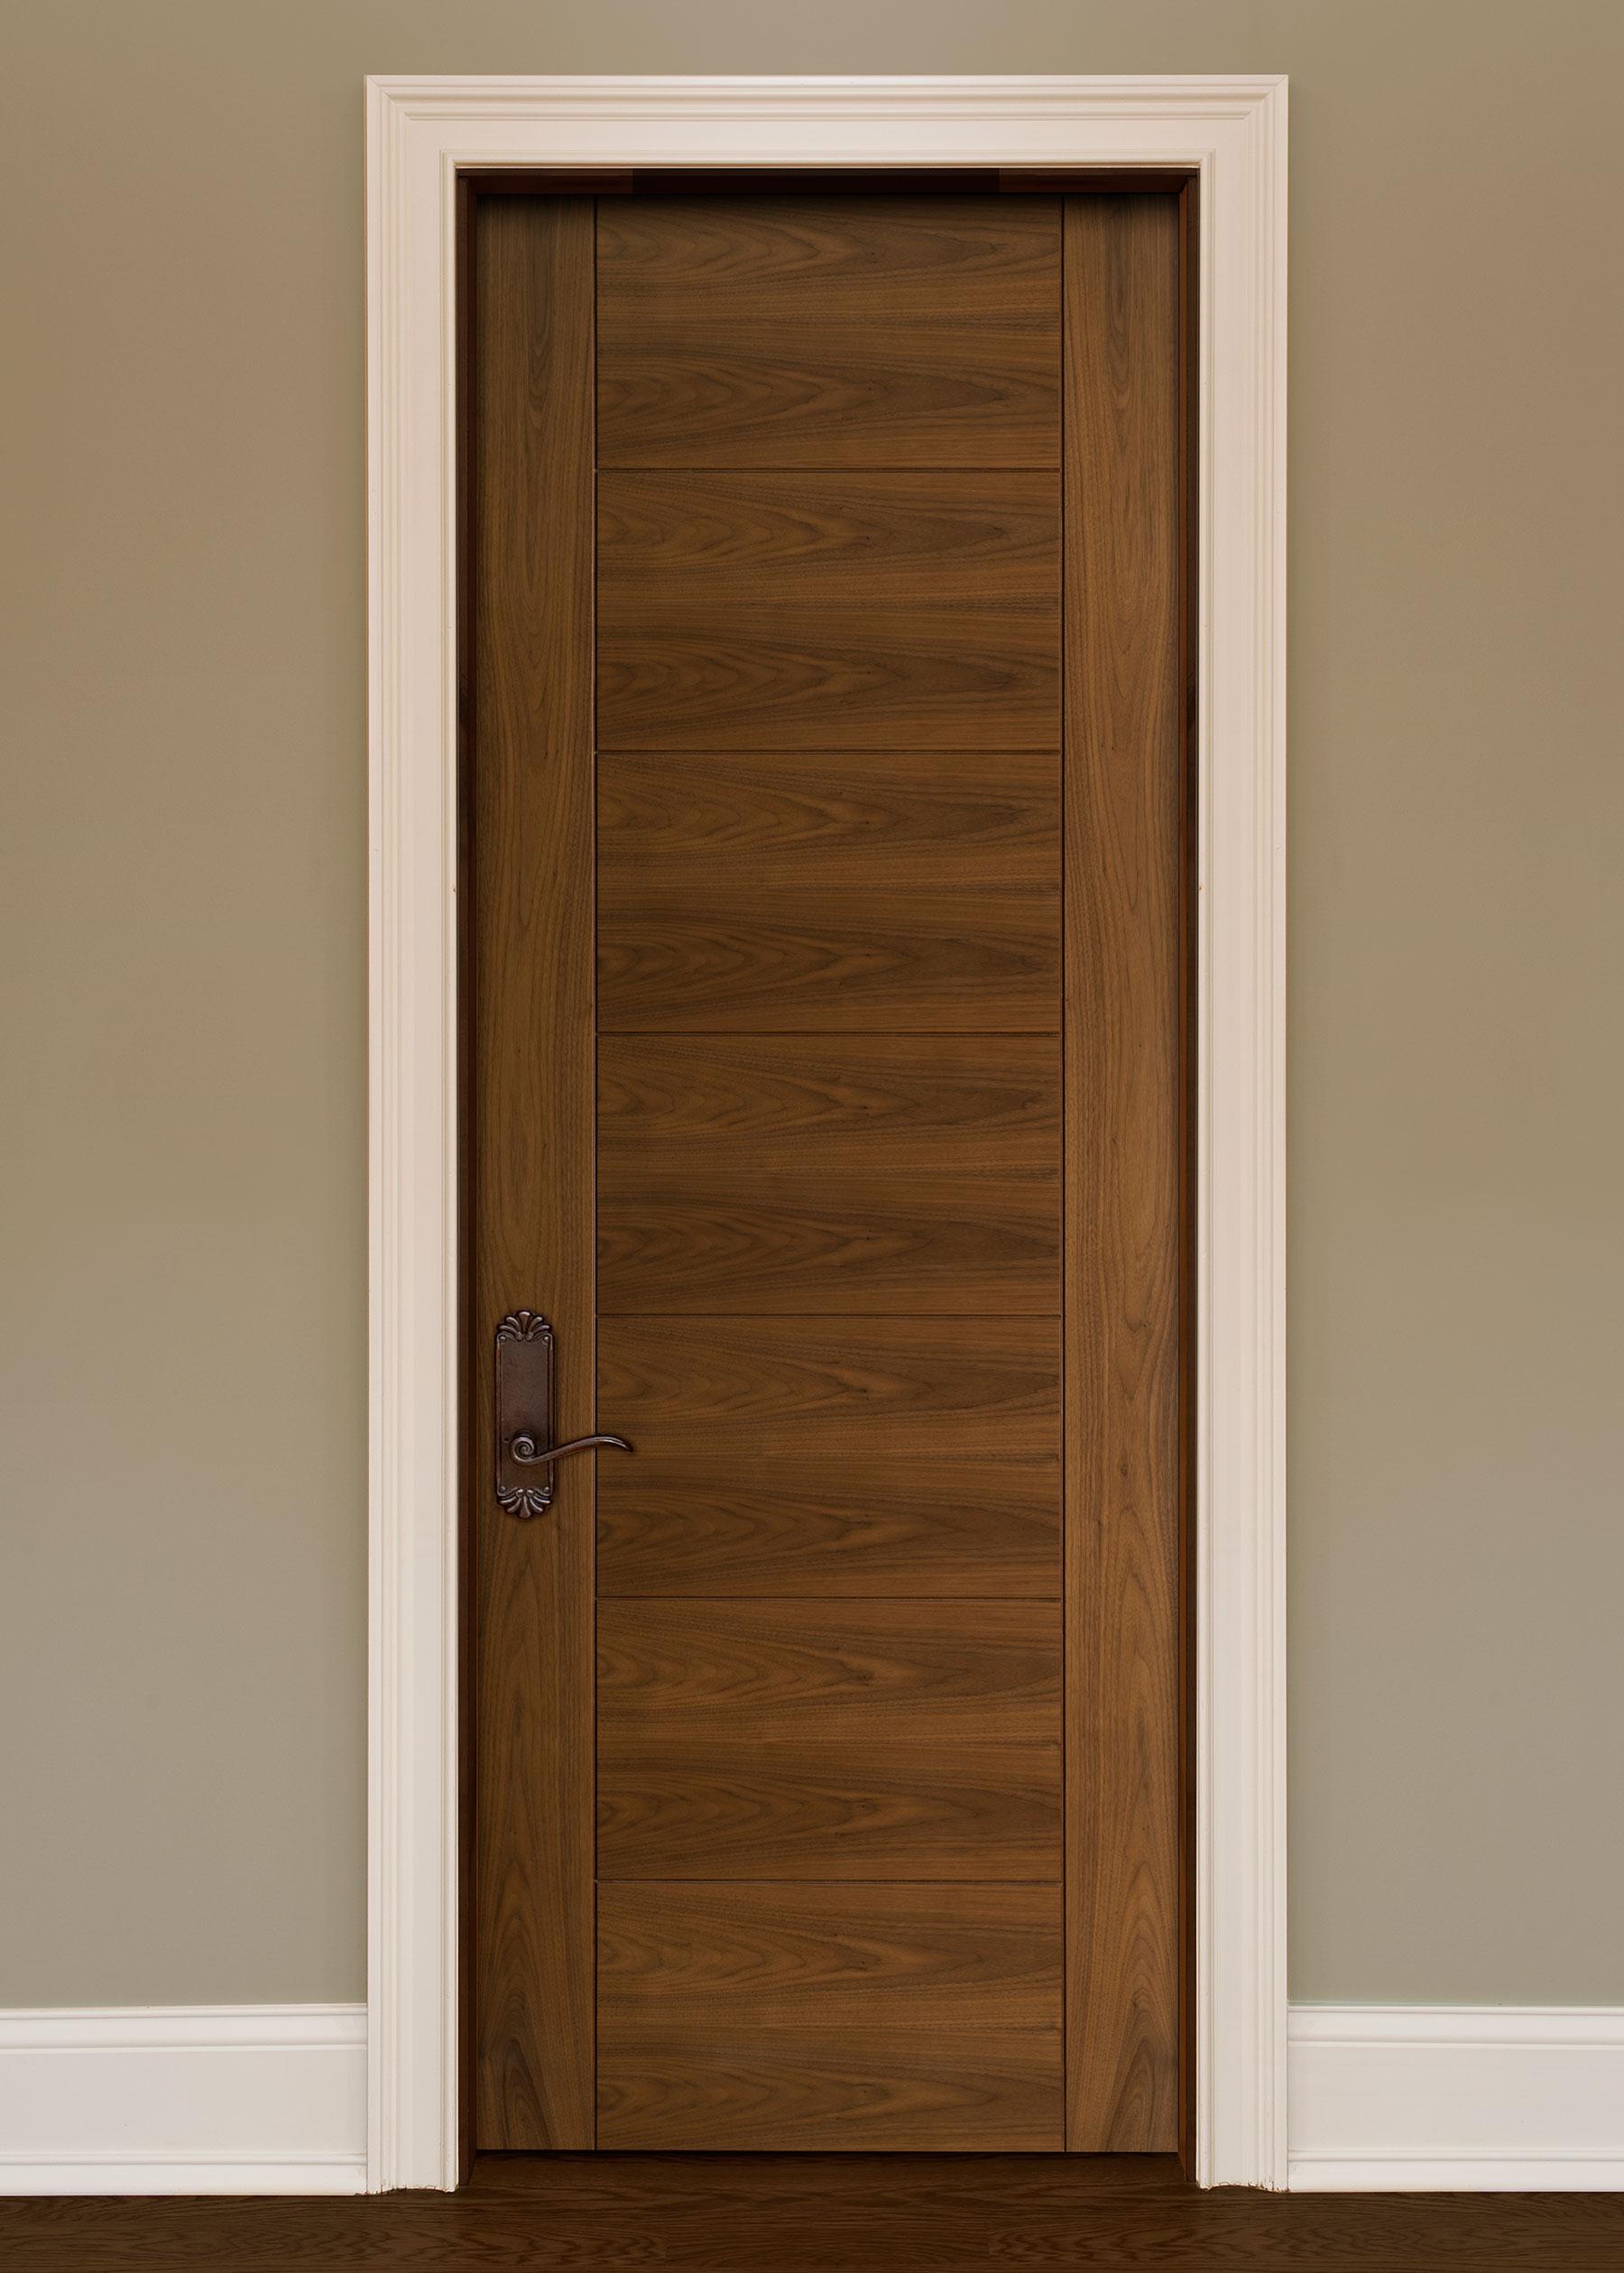 Custom Wood Interior Doors | Custom Interior Modern Wood Door with V-Grooves DBI-711 - Glenview Doors - Custom Doors in Chicago